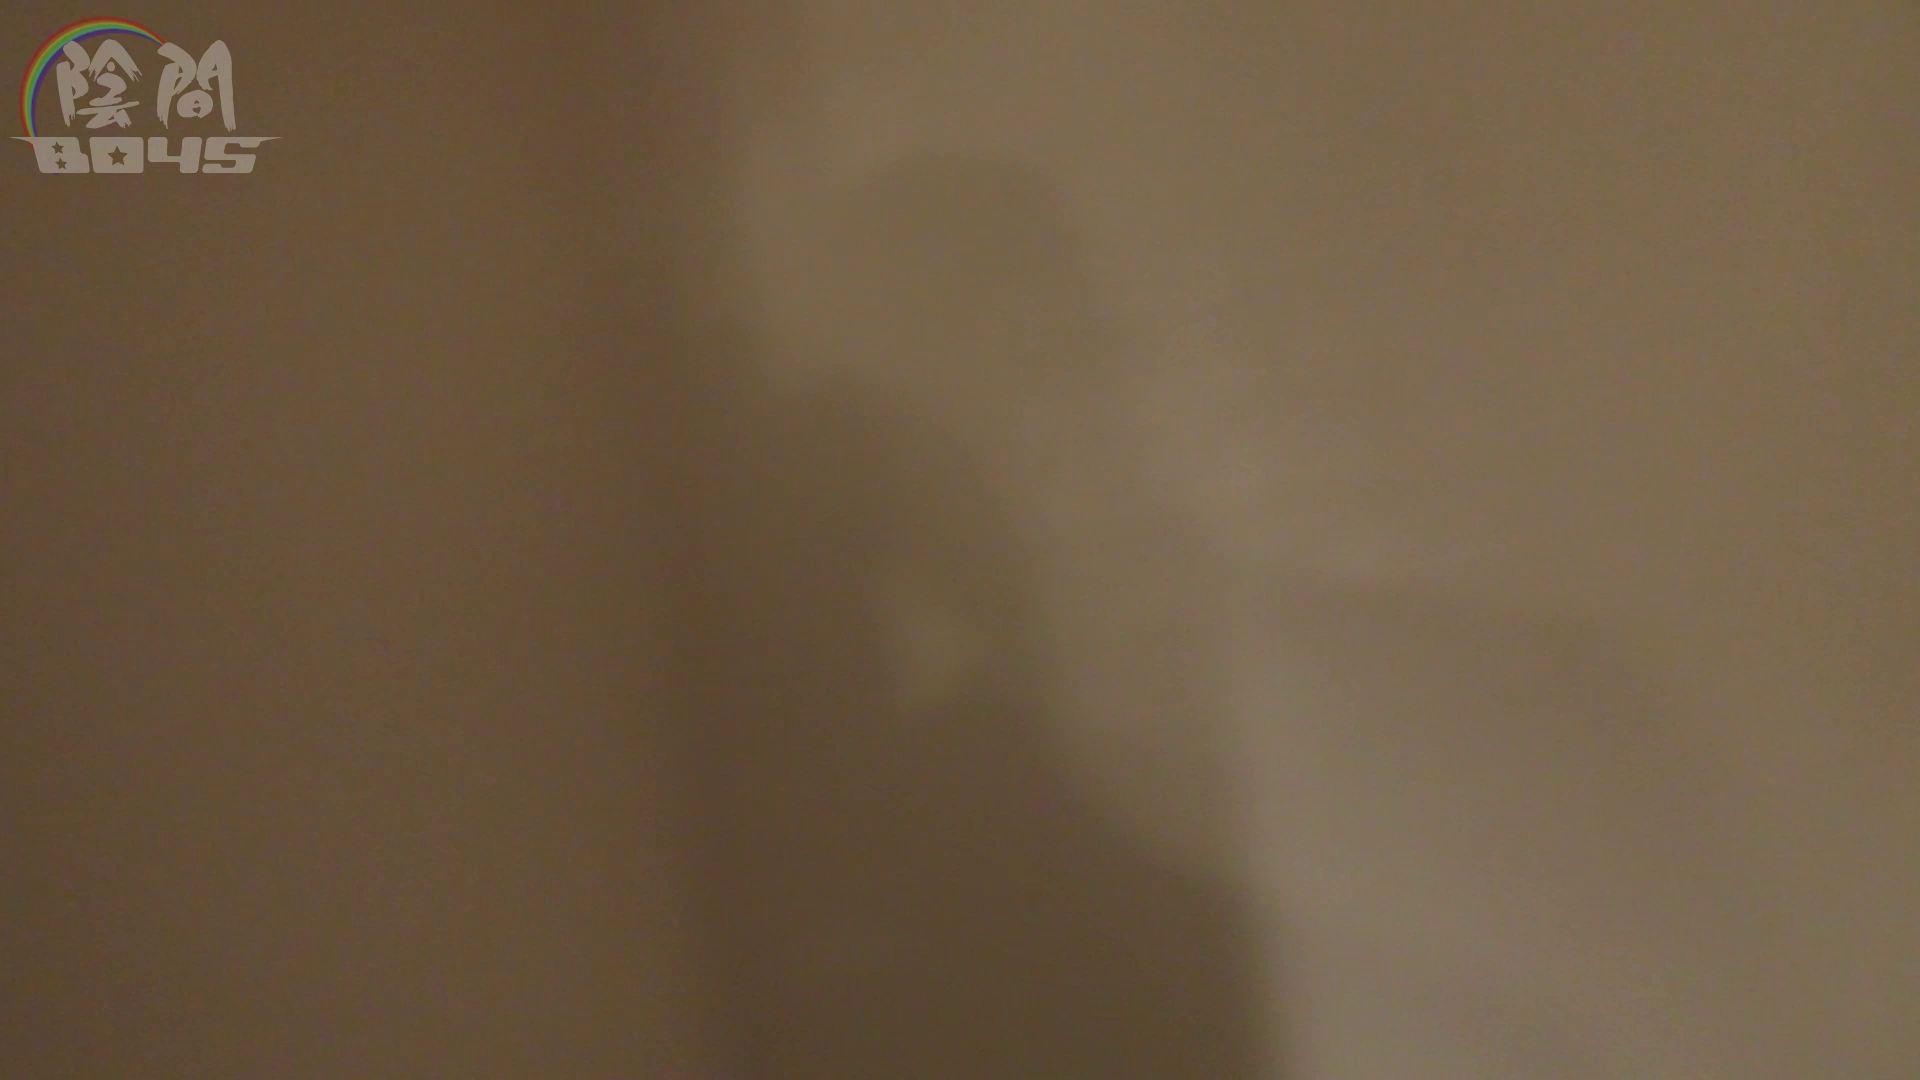 """【期間限定配信】キャバクラの仕事は""""アナル""""から2 Vol.02 アナル ゲイザーメン画像 102枚 26"""